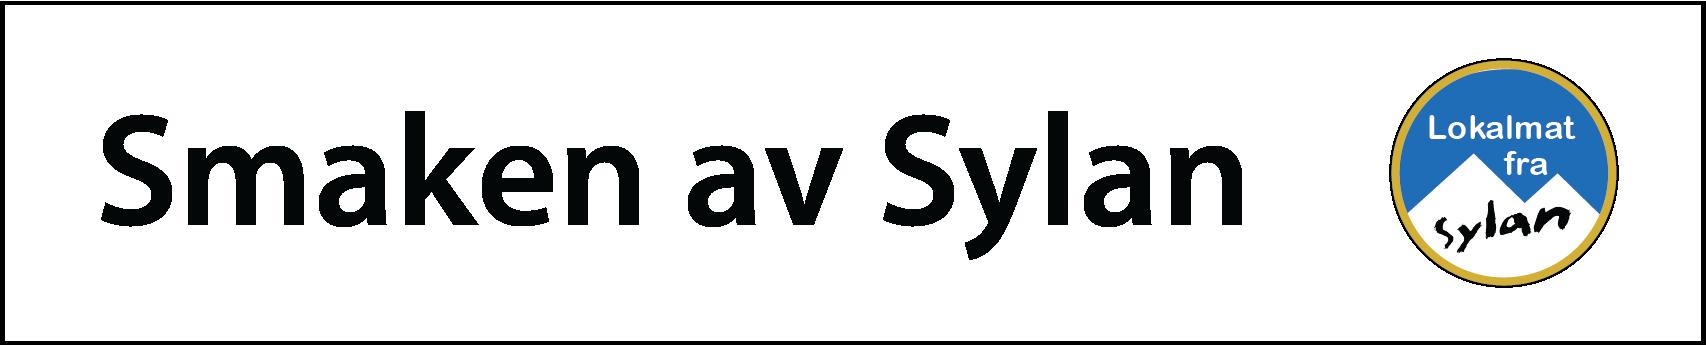 Banner for varemerket Smaken av sylan